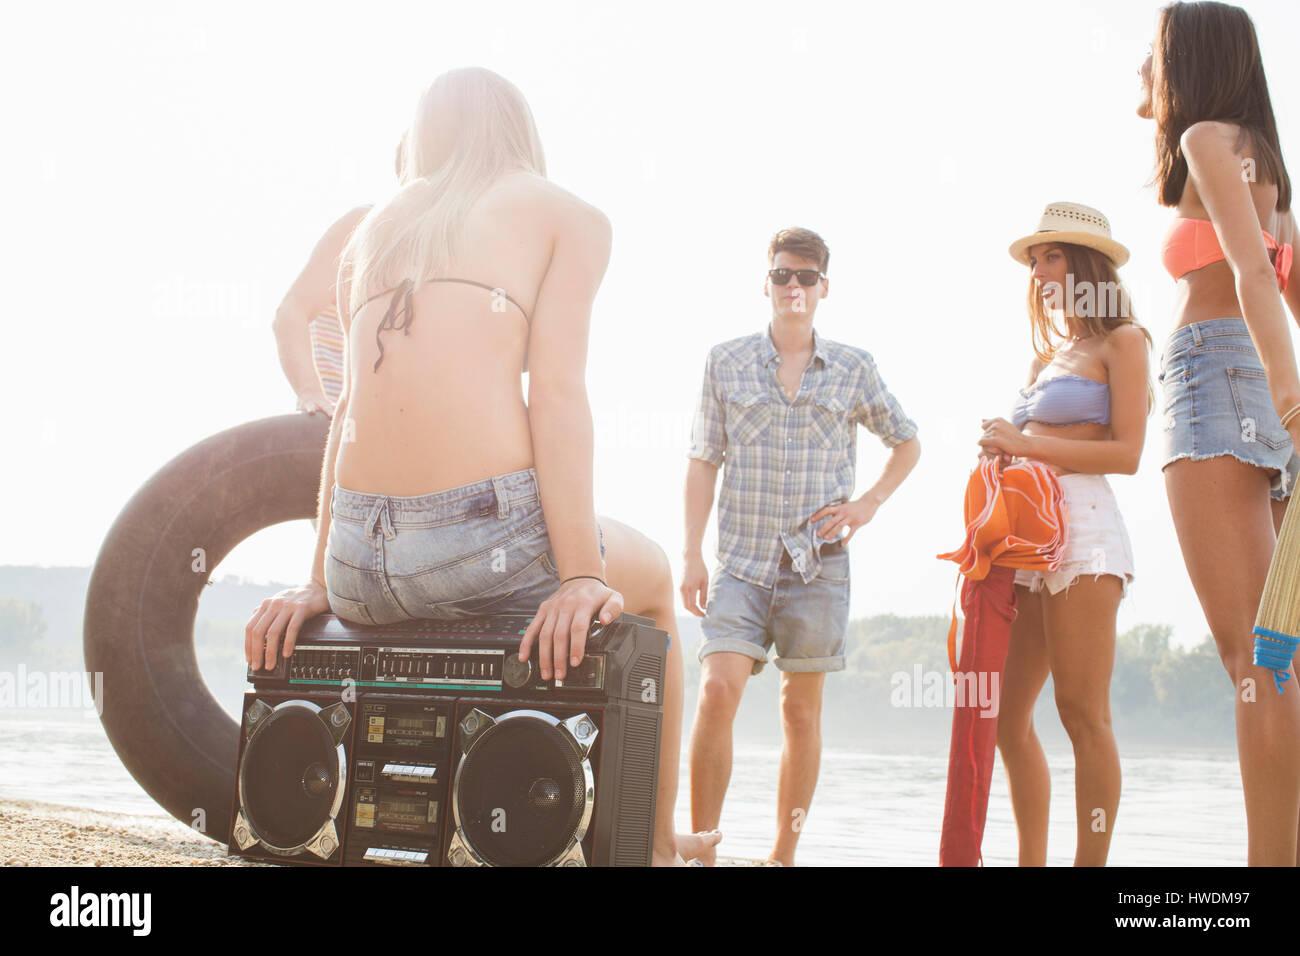 Gruppo di amici gustando beach party Immagini Stock